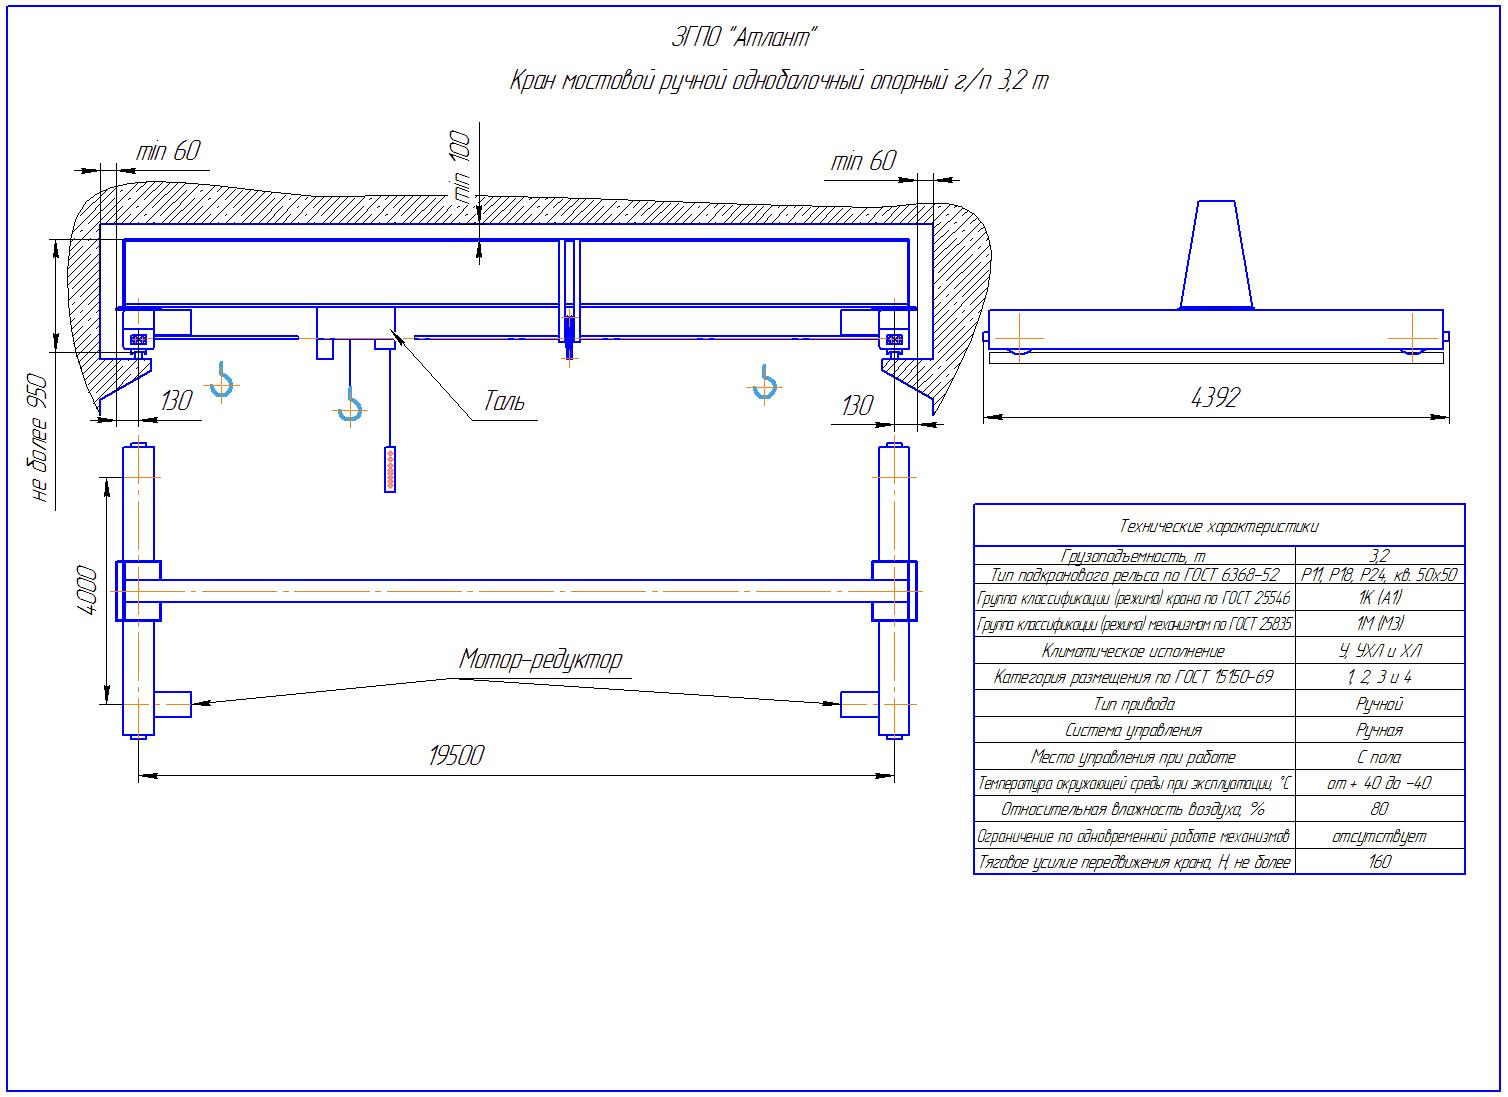 KRMOO 3 195 - Кран ручной мостовой опорный однобалочный